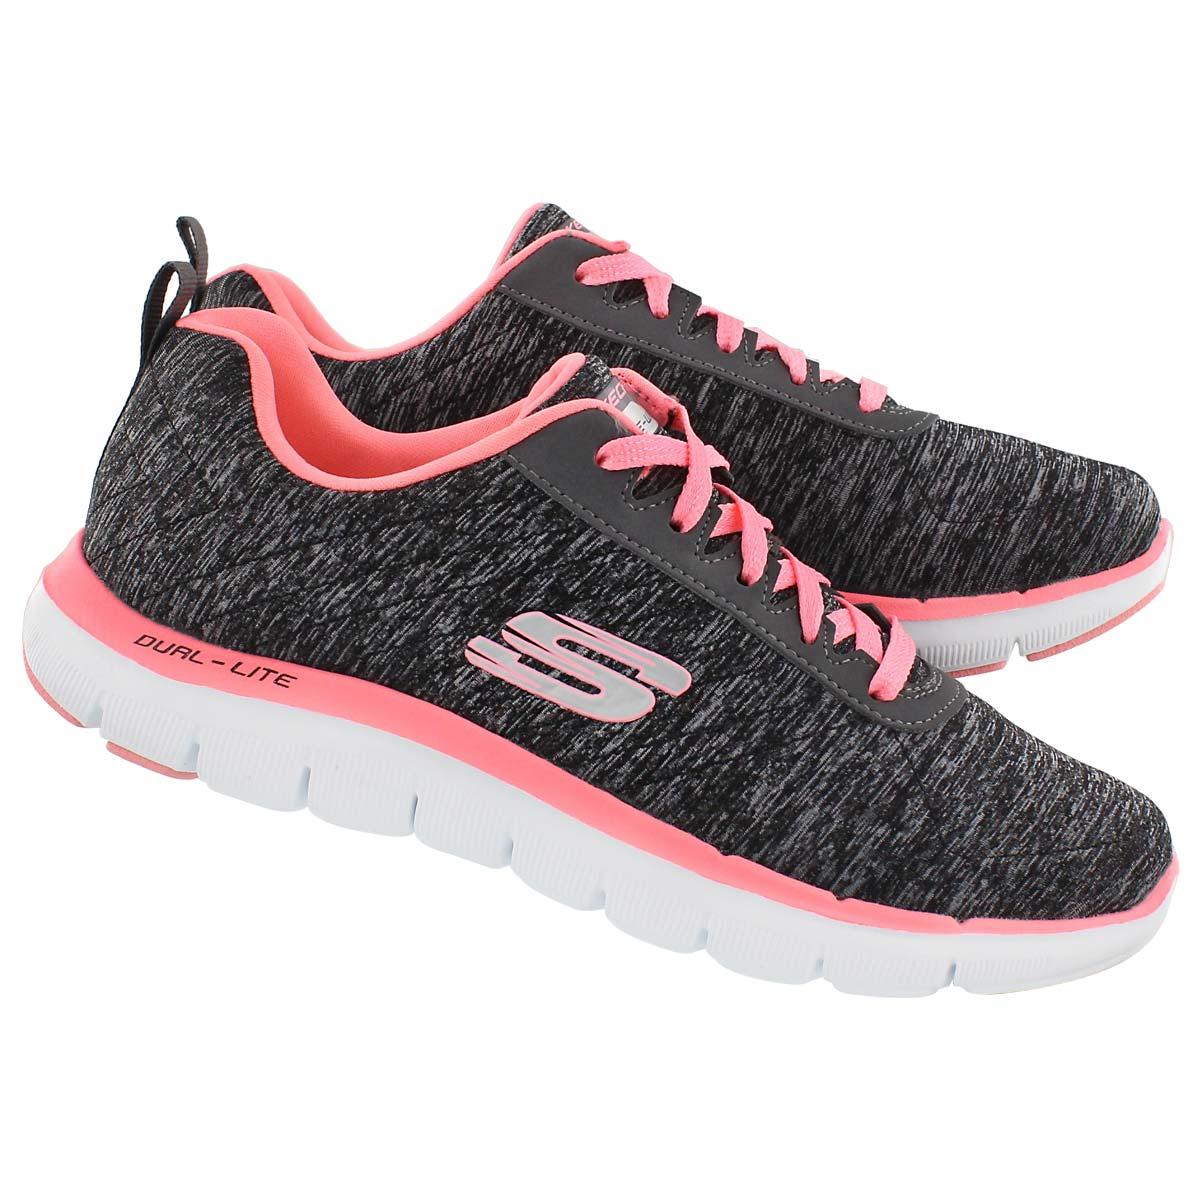 Skechers Women's Flex Appeal 2.0 Lace Up Running Shoe | eBay